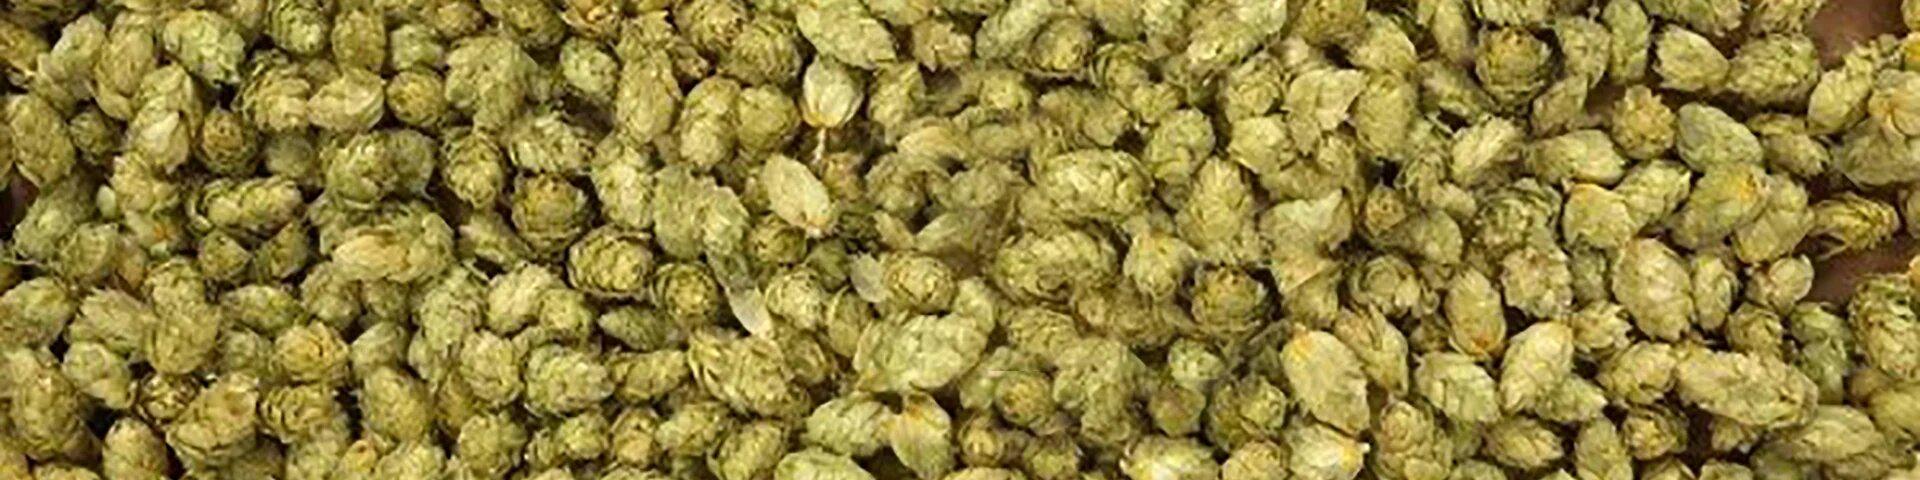 hops3-1920-x-480